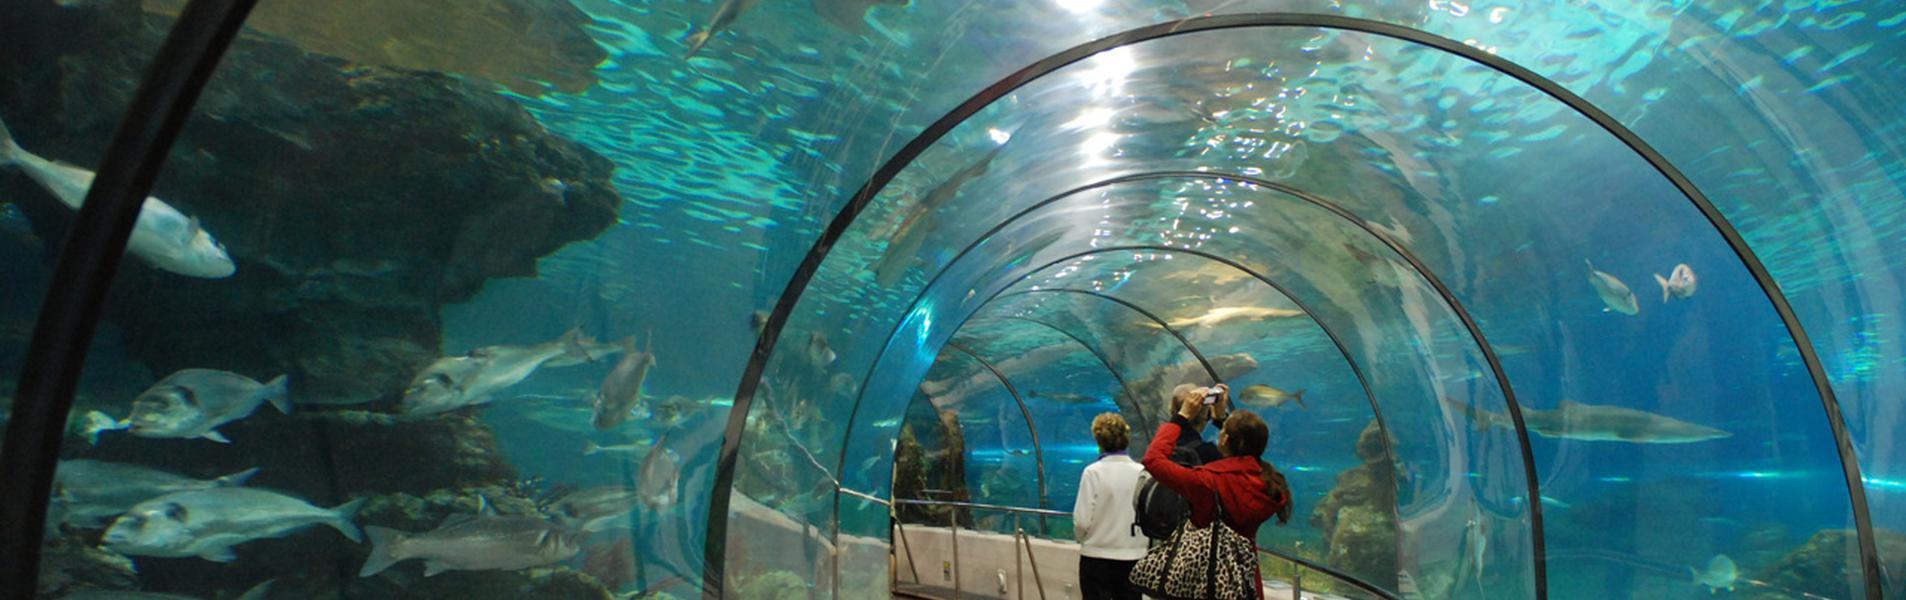 Entrada al Aquarium Lanzarote en Costa Teguise